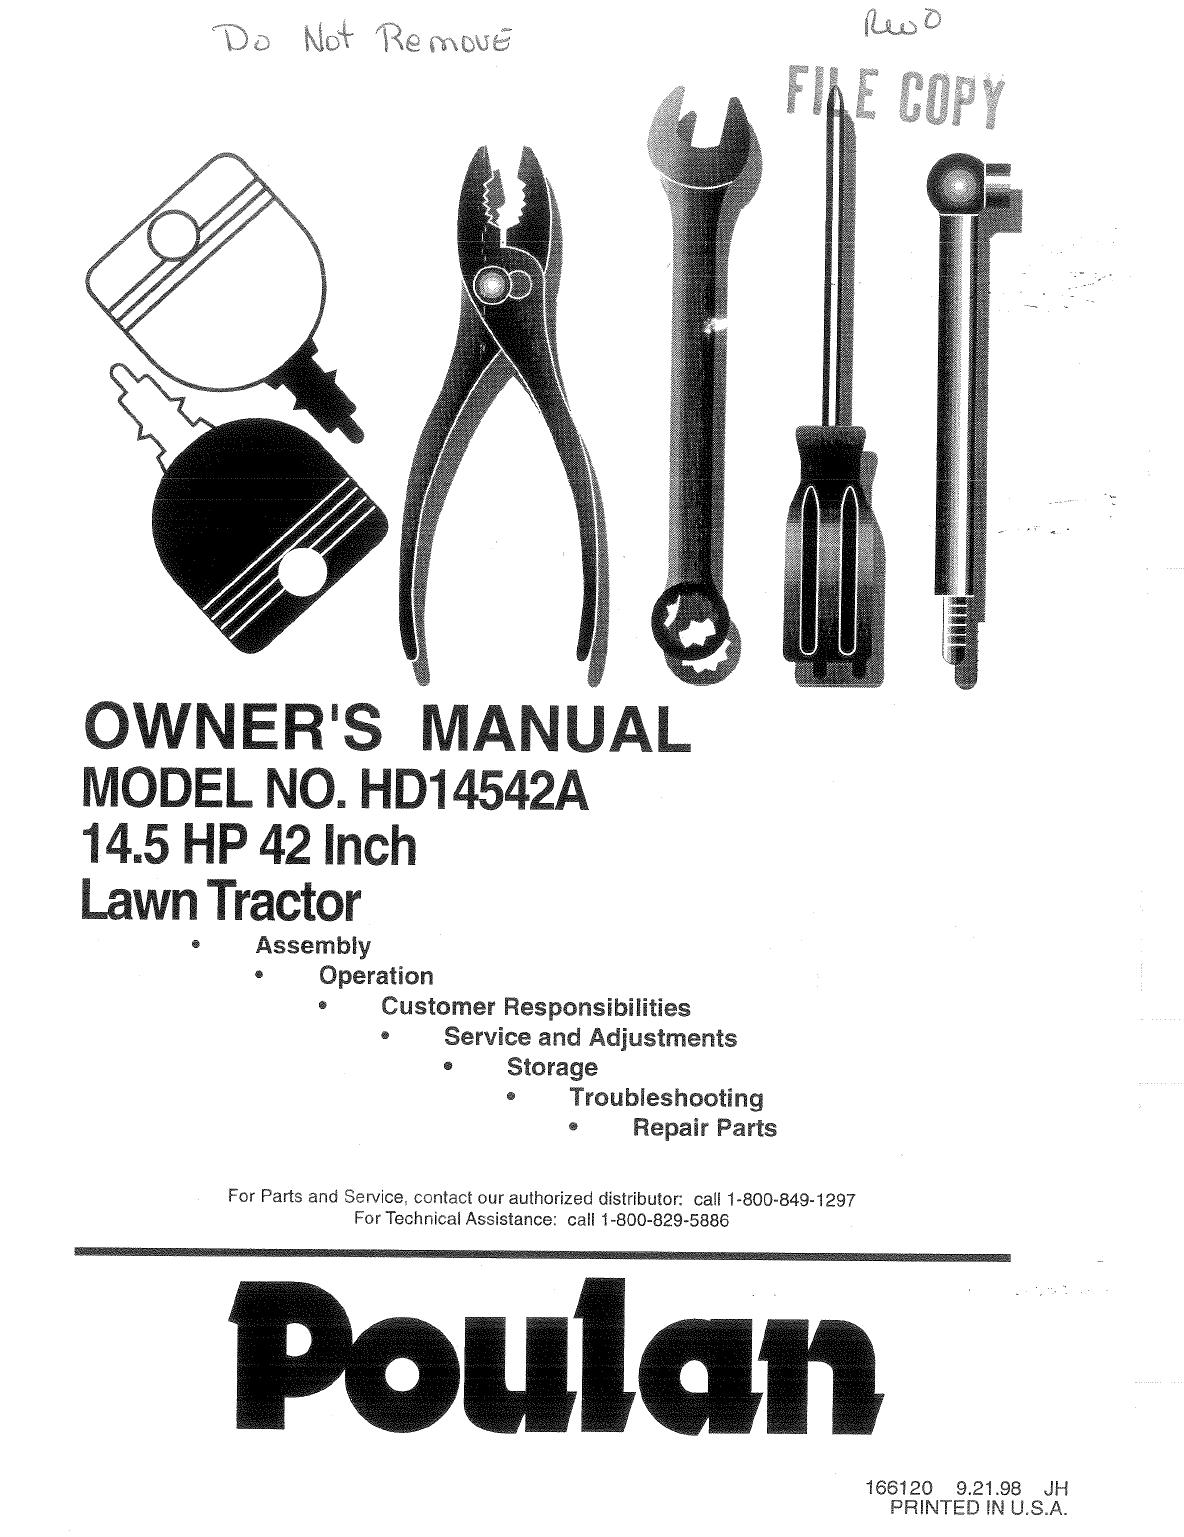 Poulan Lawn Mower User Guide